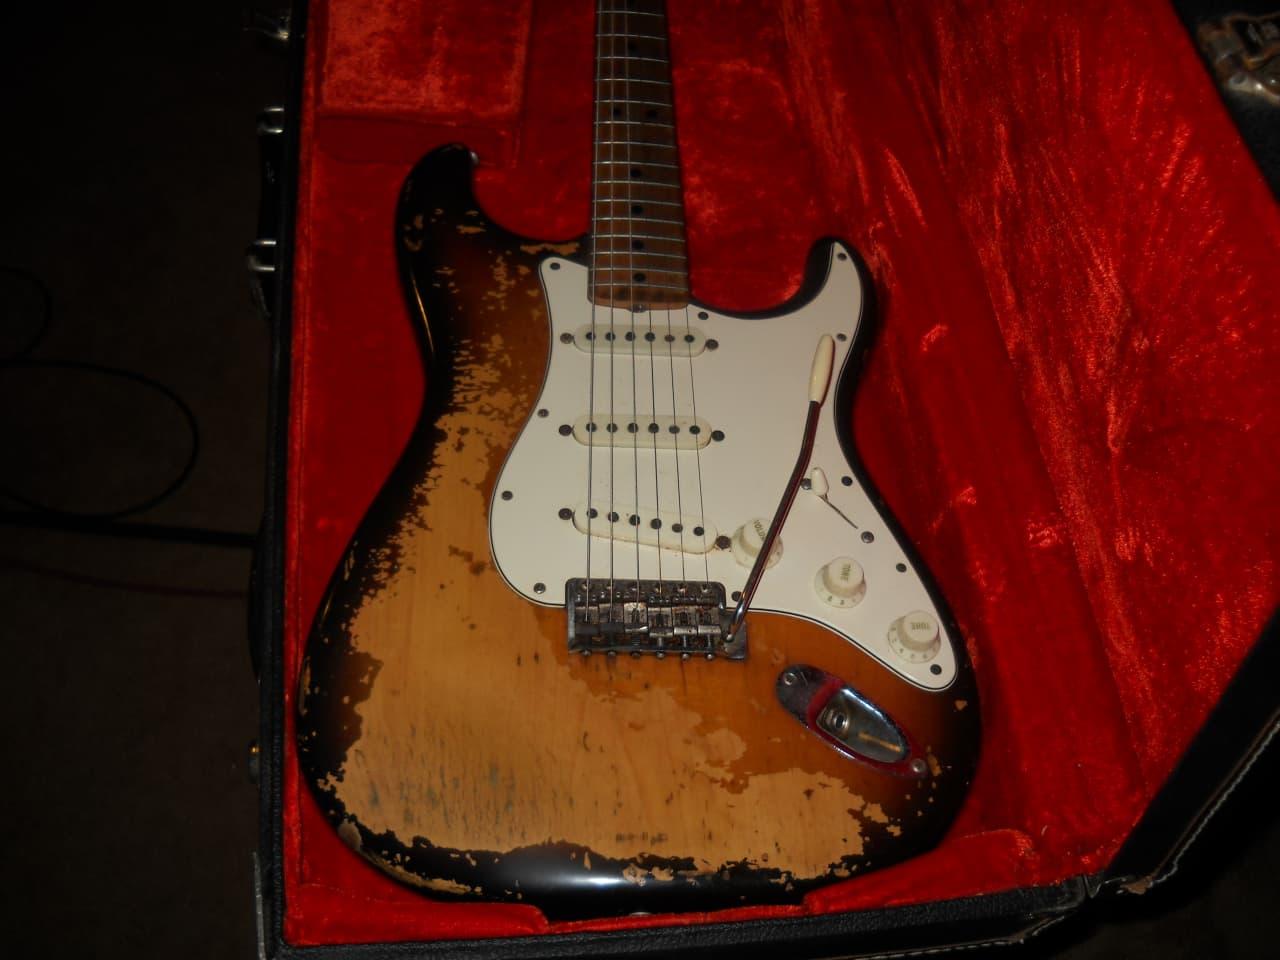 fender stratocaster 1971 sunburst scarecrow guitars reverb. Black Bedroom Furniture Sets. Home Design Ideas